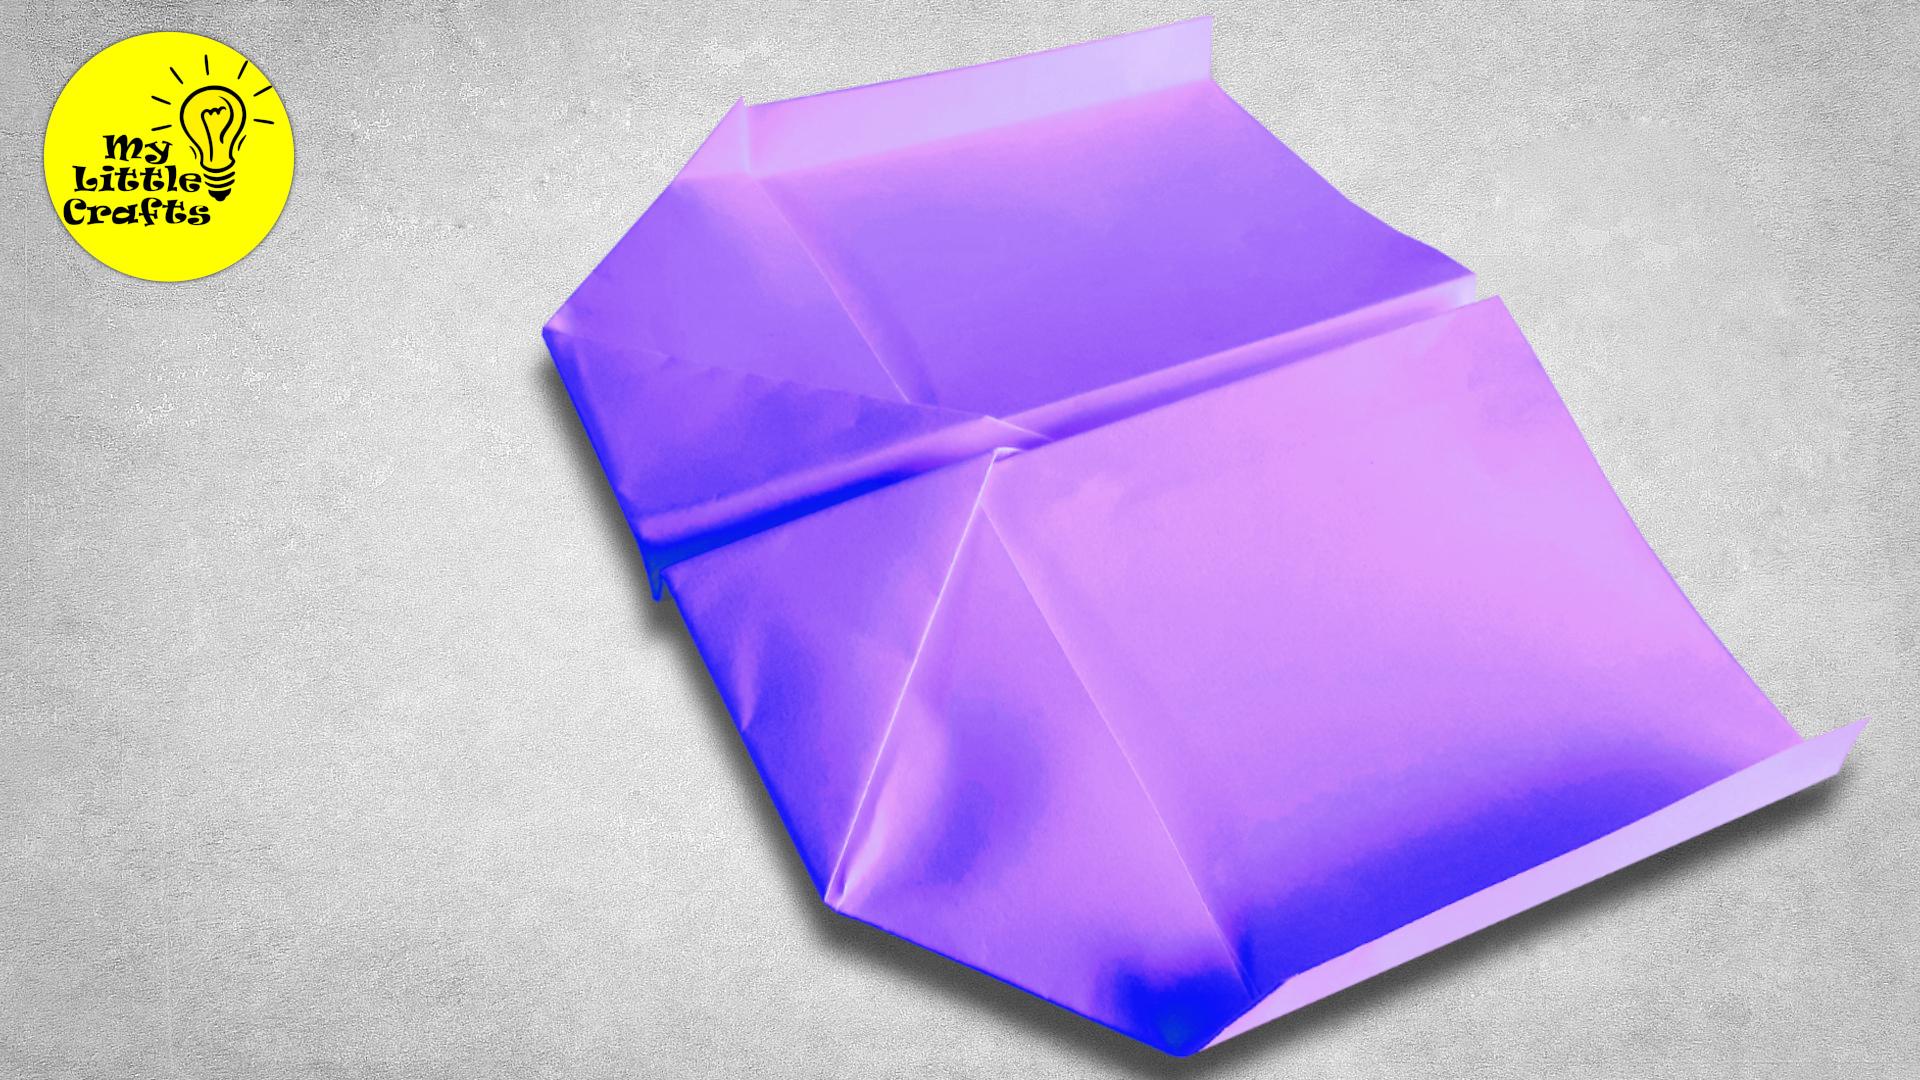 Square paper plane